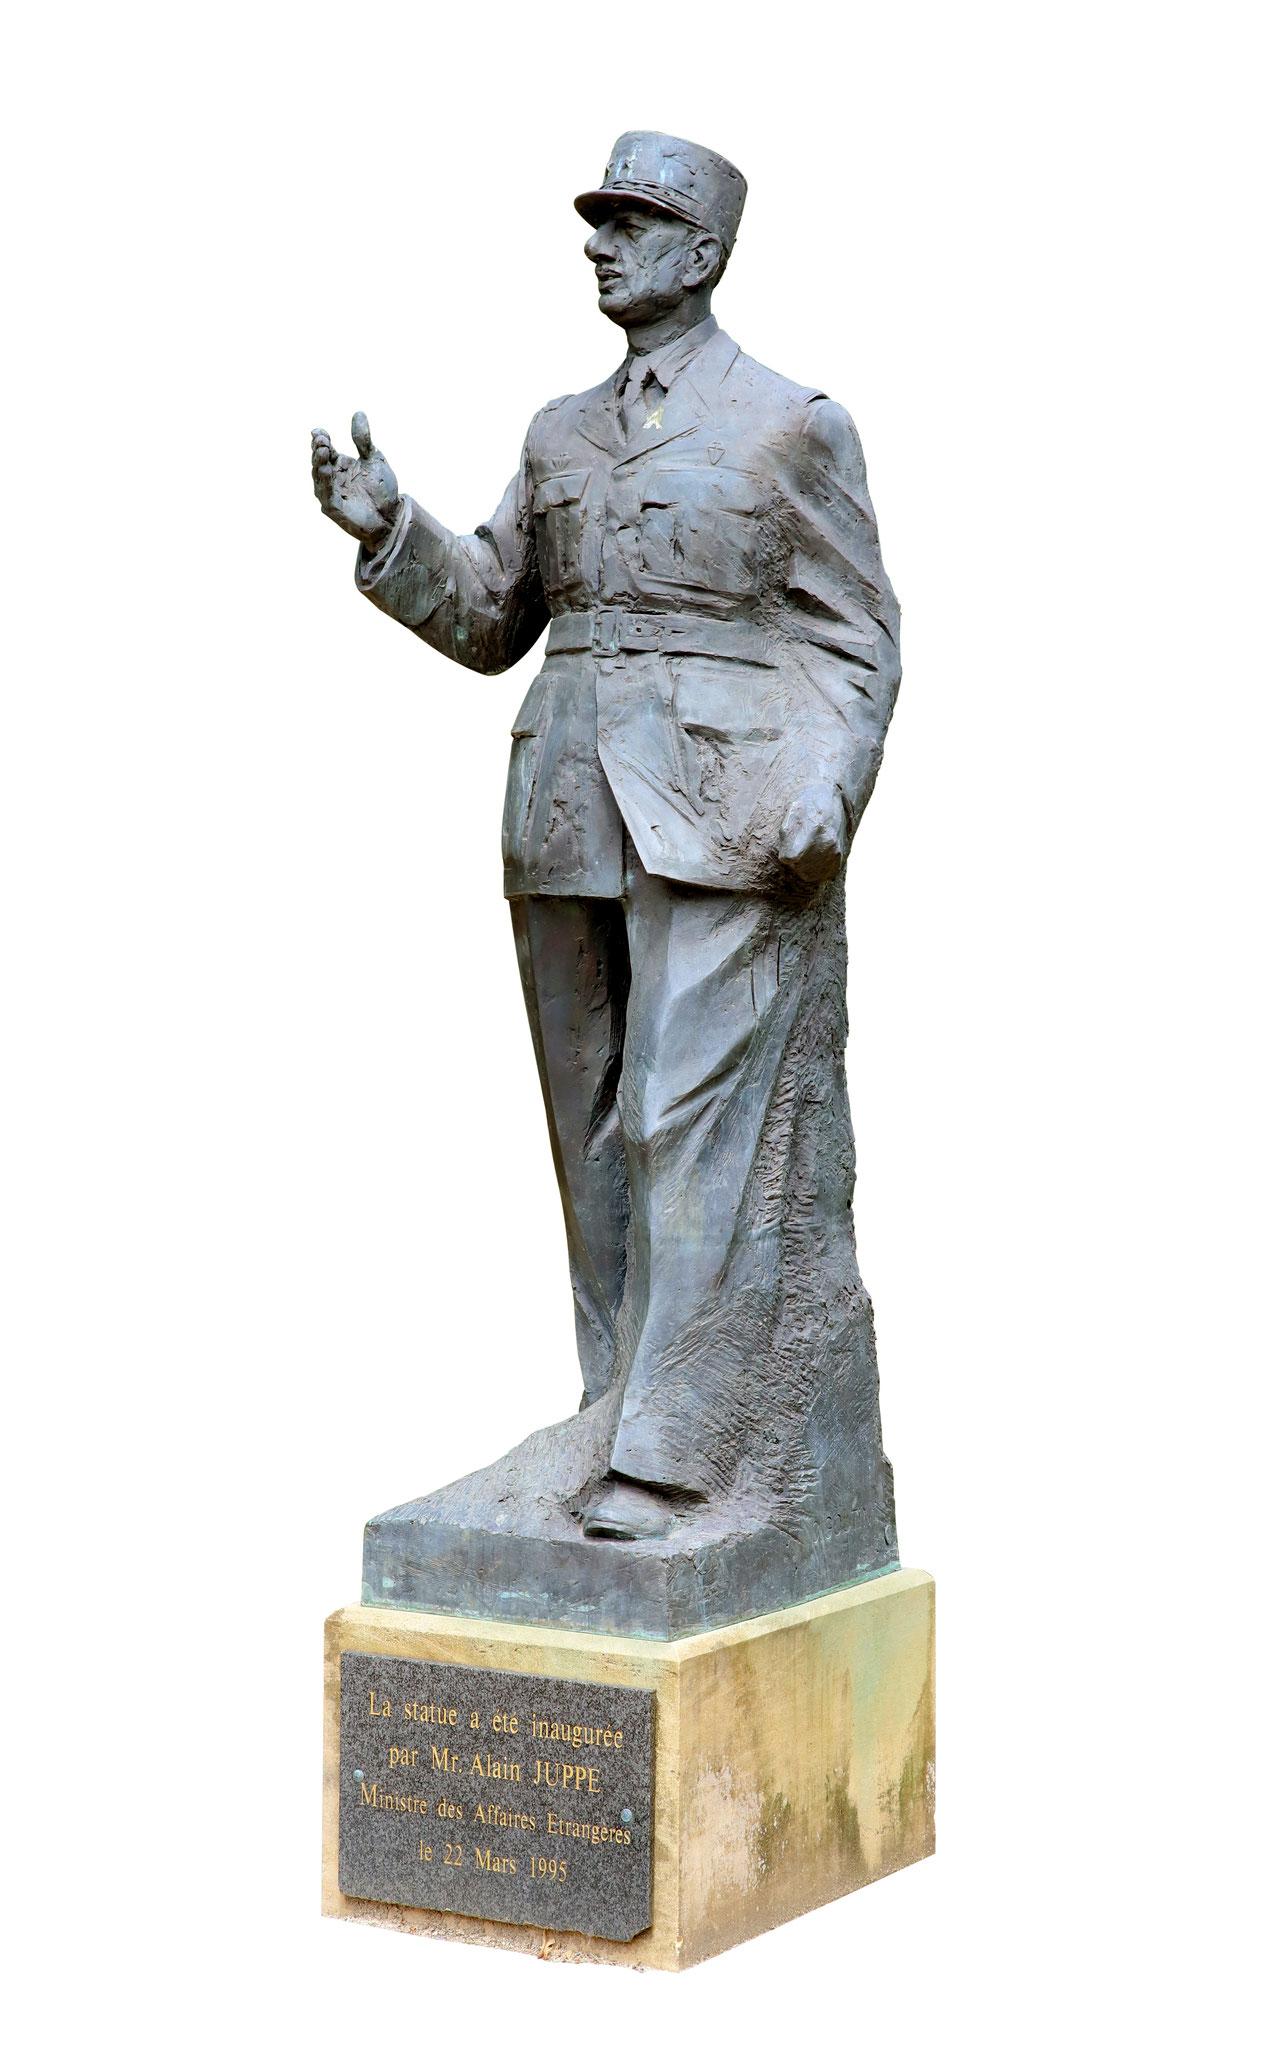 Adjugé 77 790 € - GOUTIN Claude, Le général de Gaulle, bronze, 250 cm